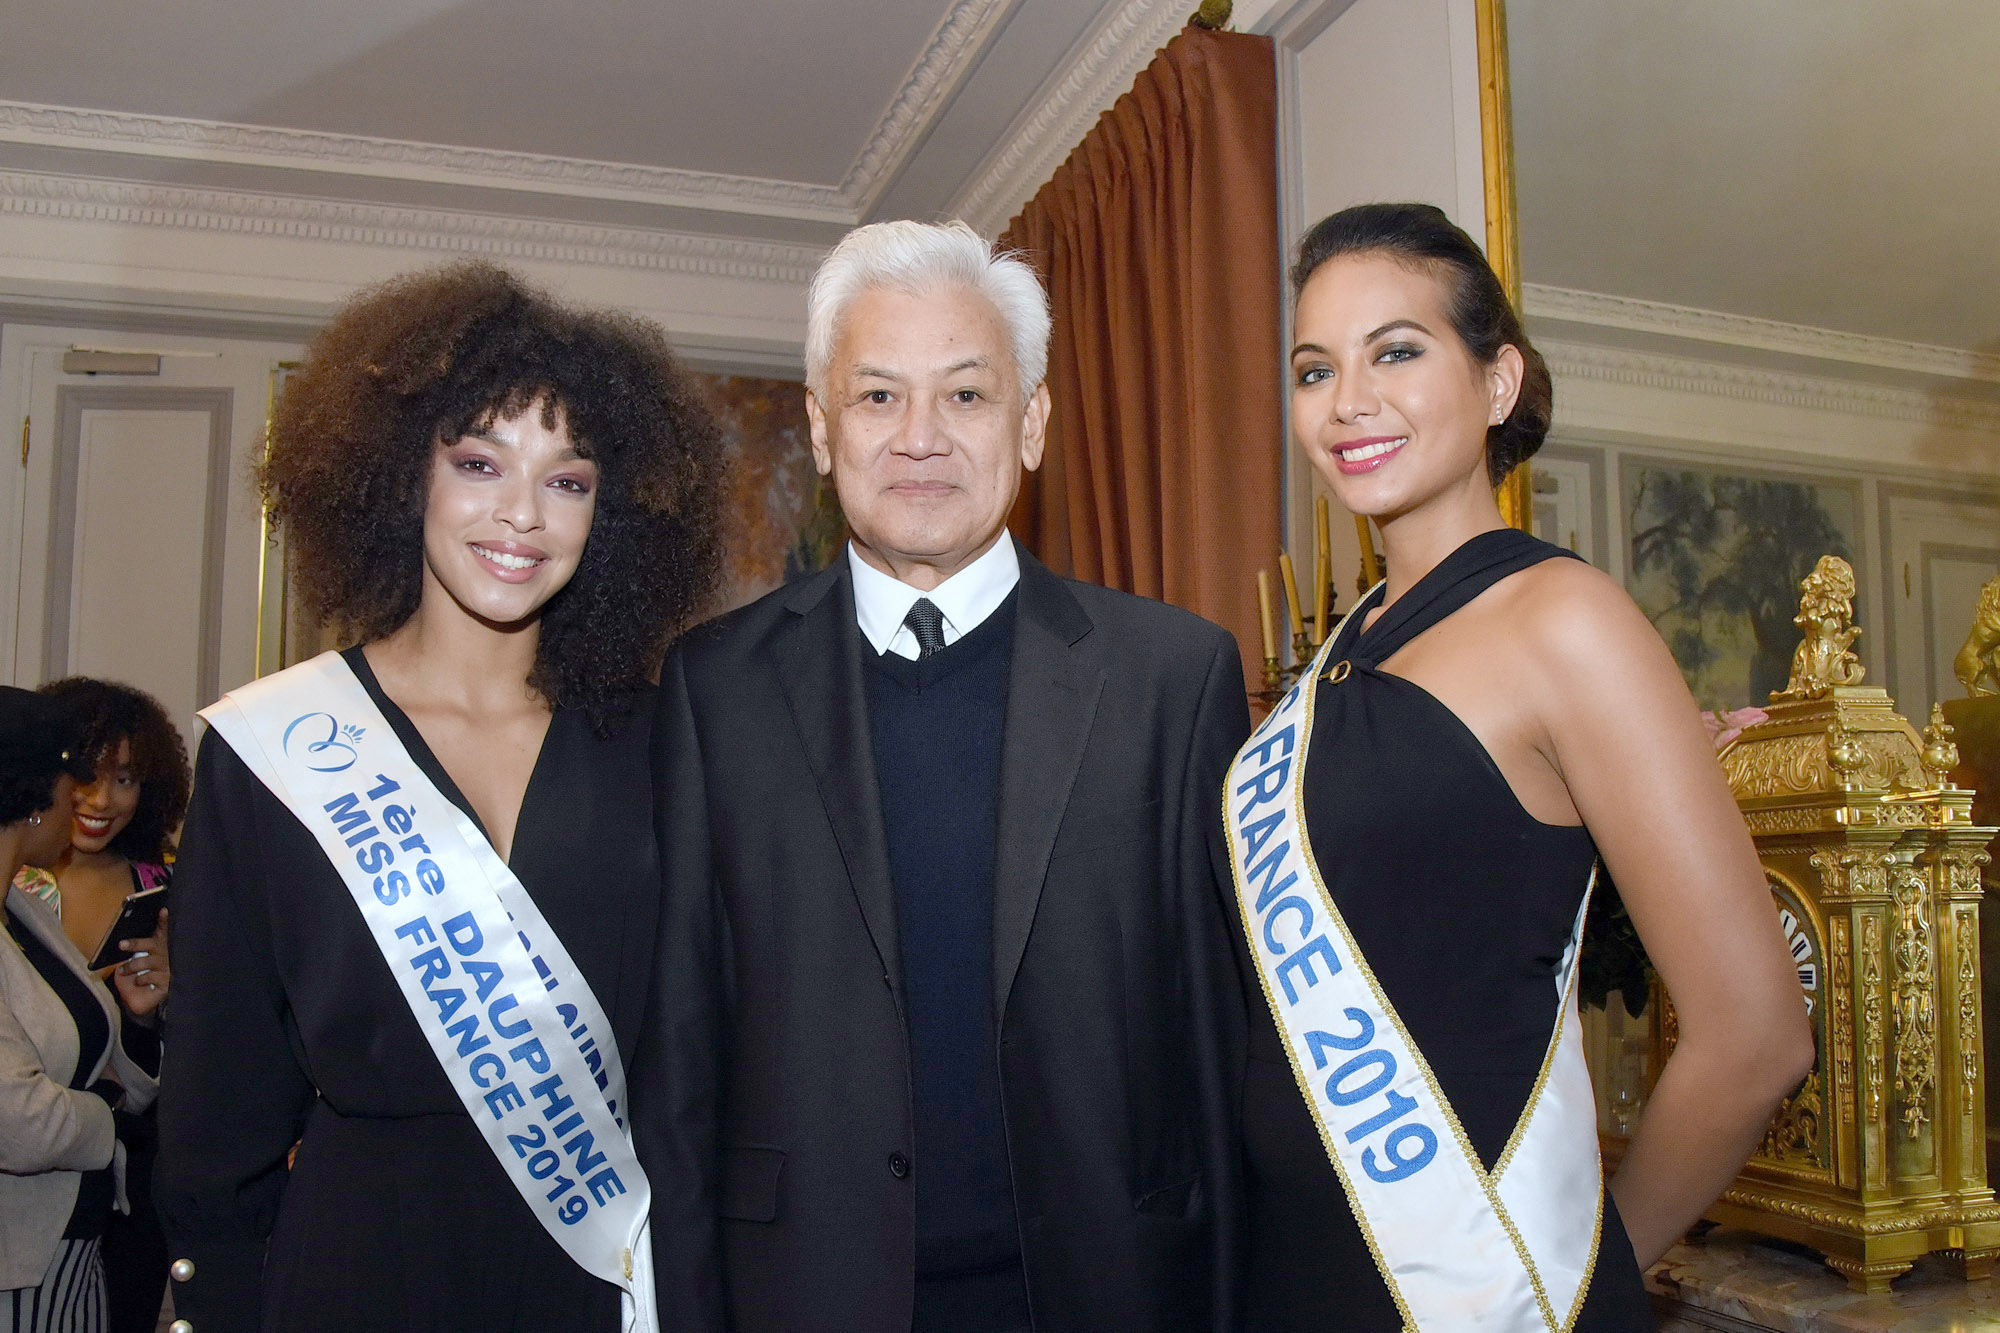 Rencontre de Maima Chaves, Miss France 2019, avec le sénateur de Wallis et Futuna, RobertLaufoaulu, avec Ophély Mézino (1ère Dauphine et Miss Guadeloupe 2019)..